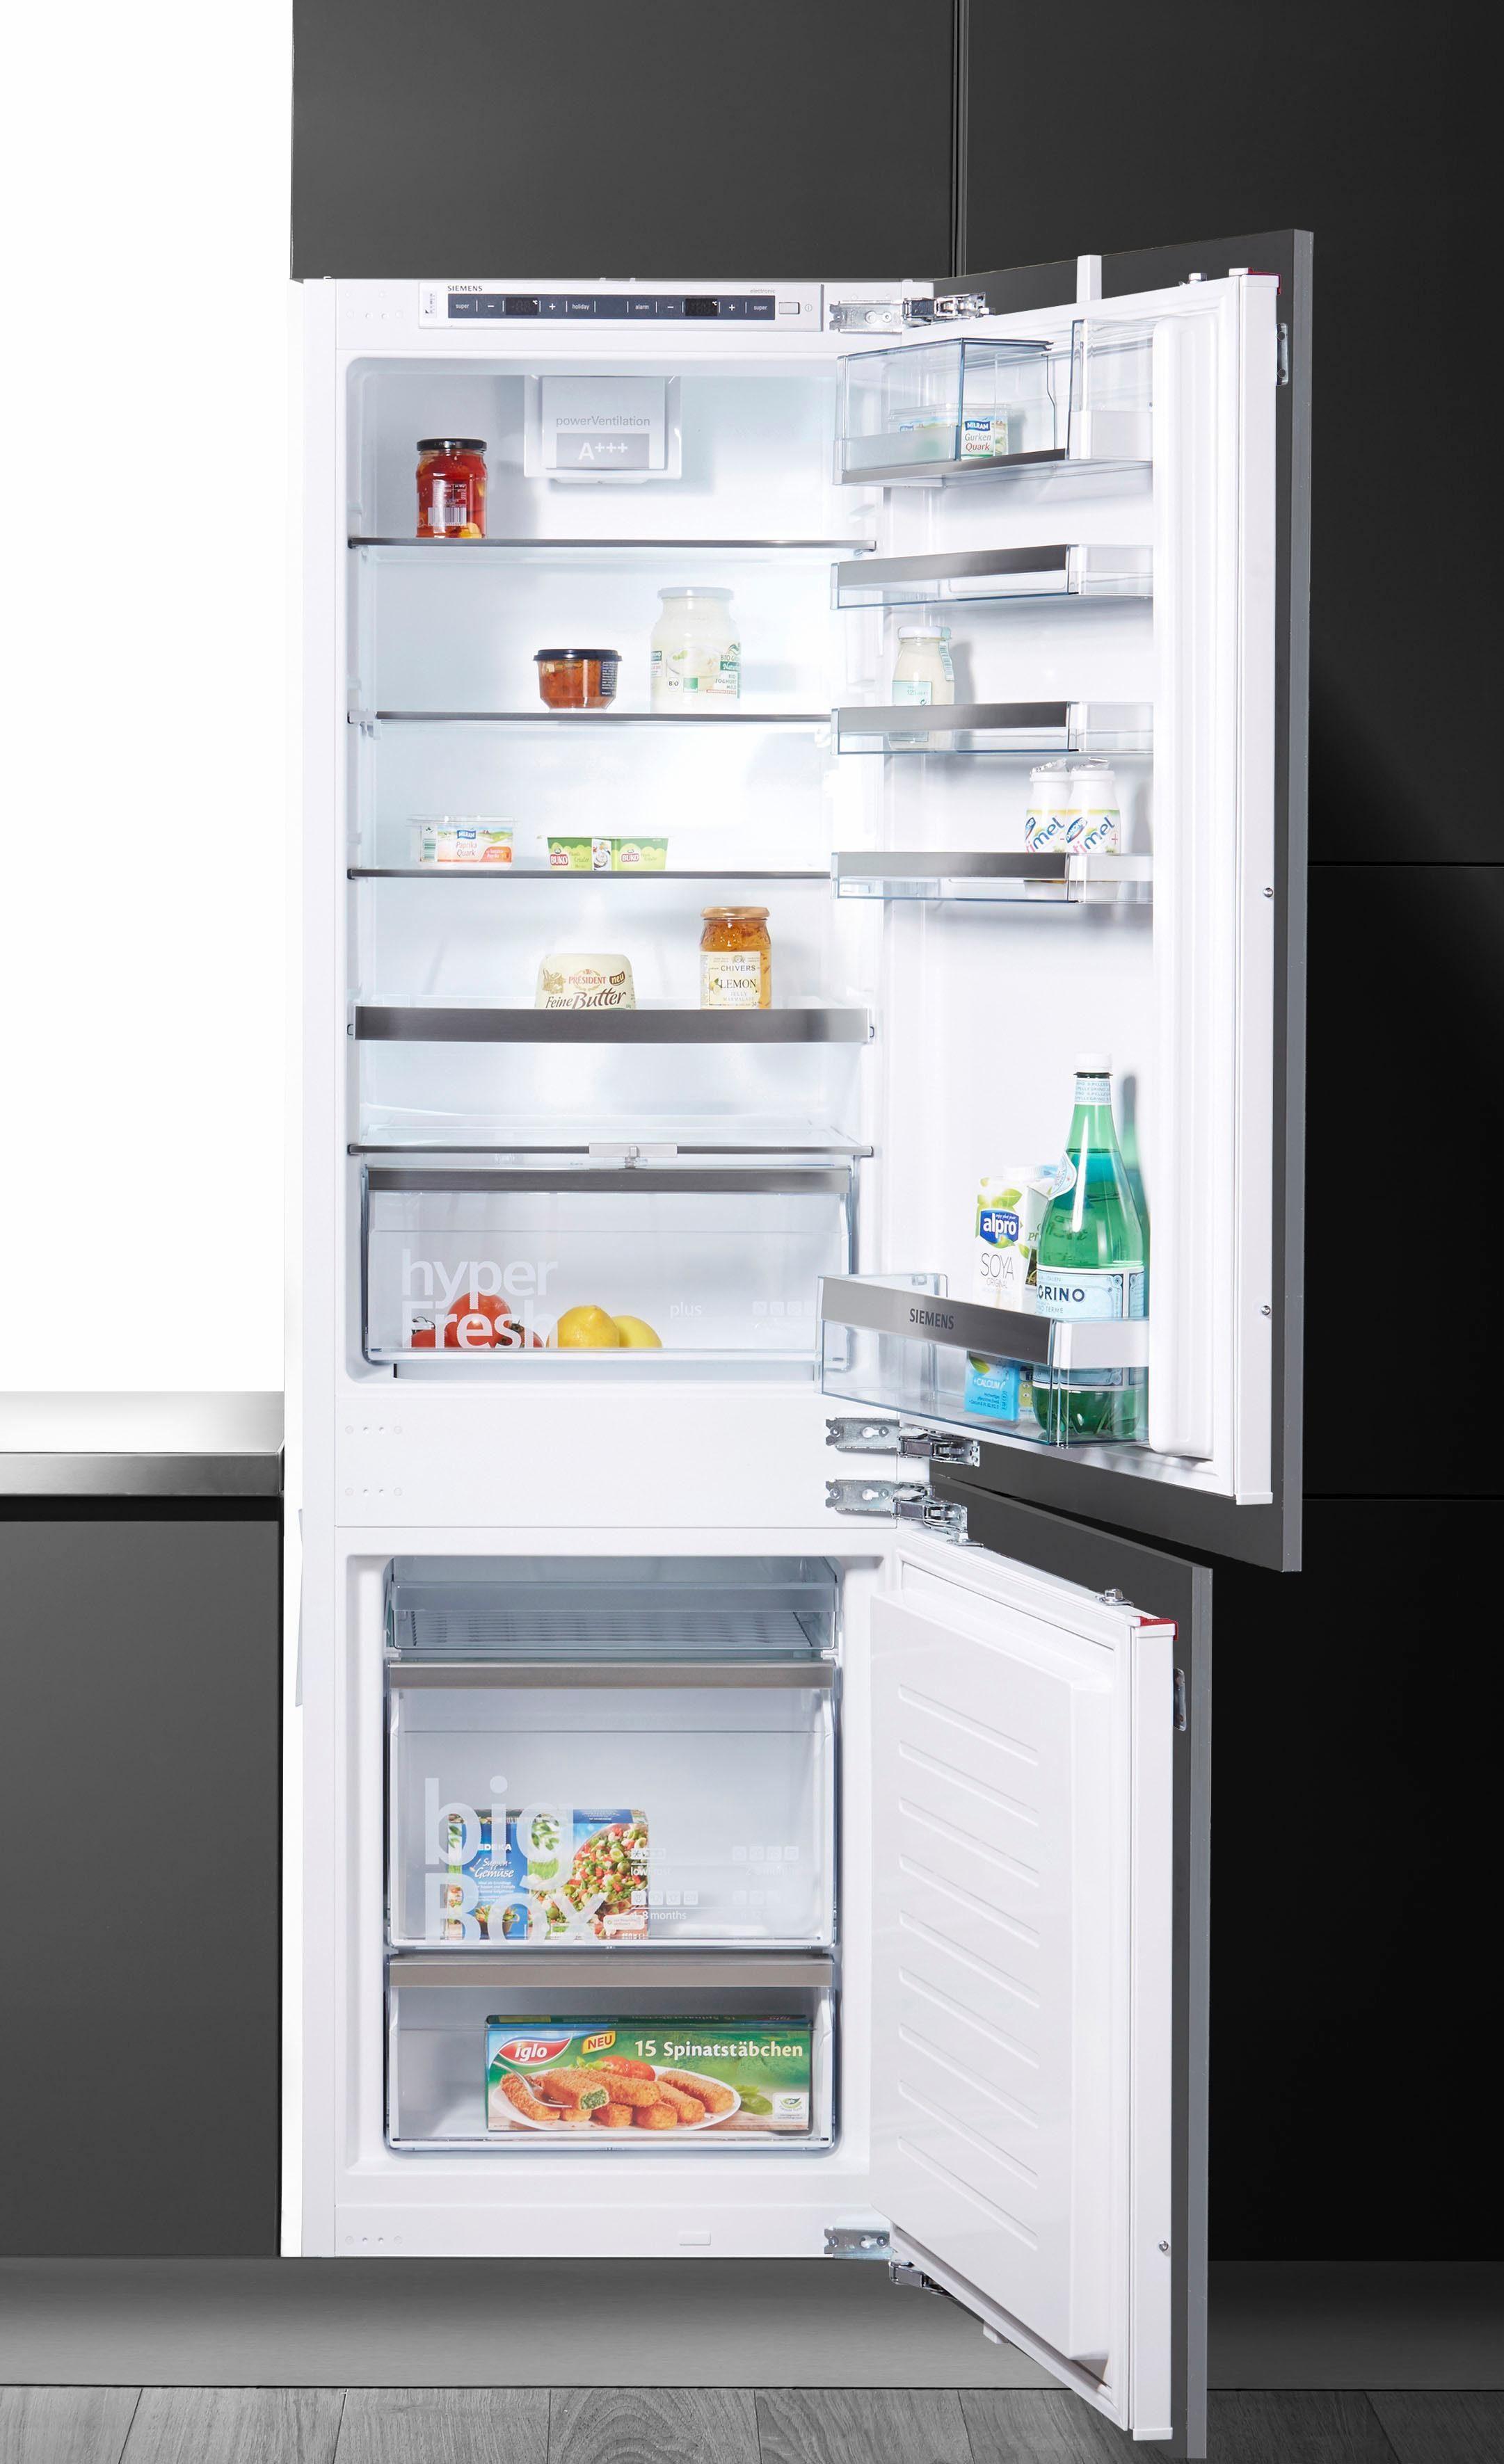 SIEMENS Einbaukühlgefrierkombination KI86SAD40, 177,2 cm hoch, 54,5 cm breit, Energieeffizienzklasse: A+++, 177,2 cm hoch, LowFrost